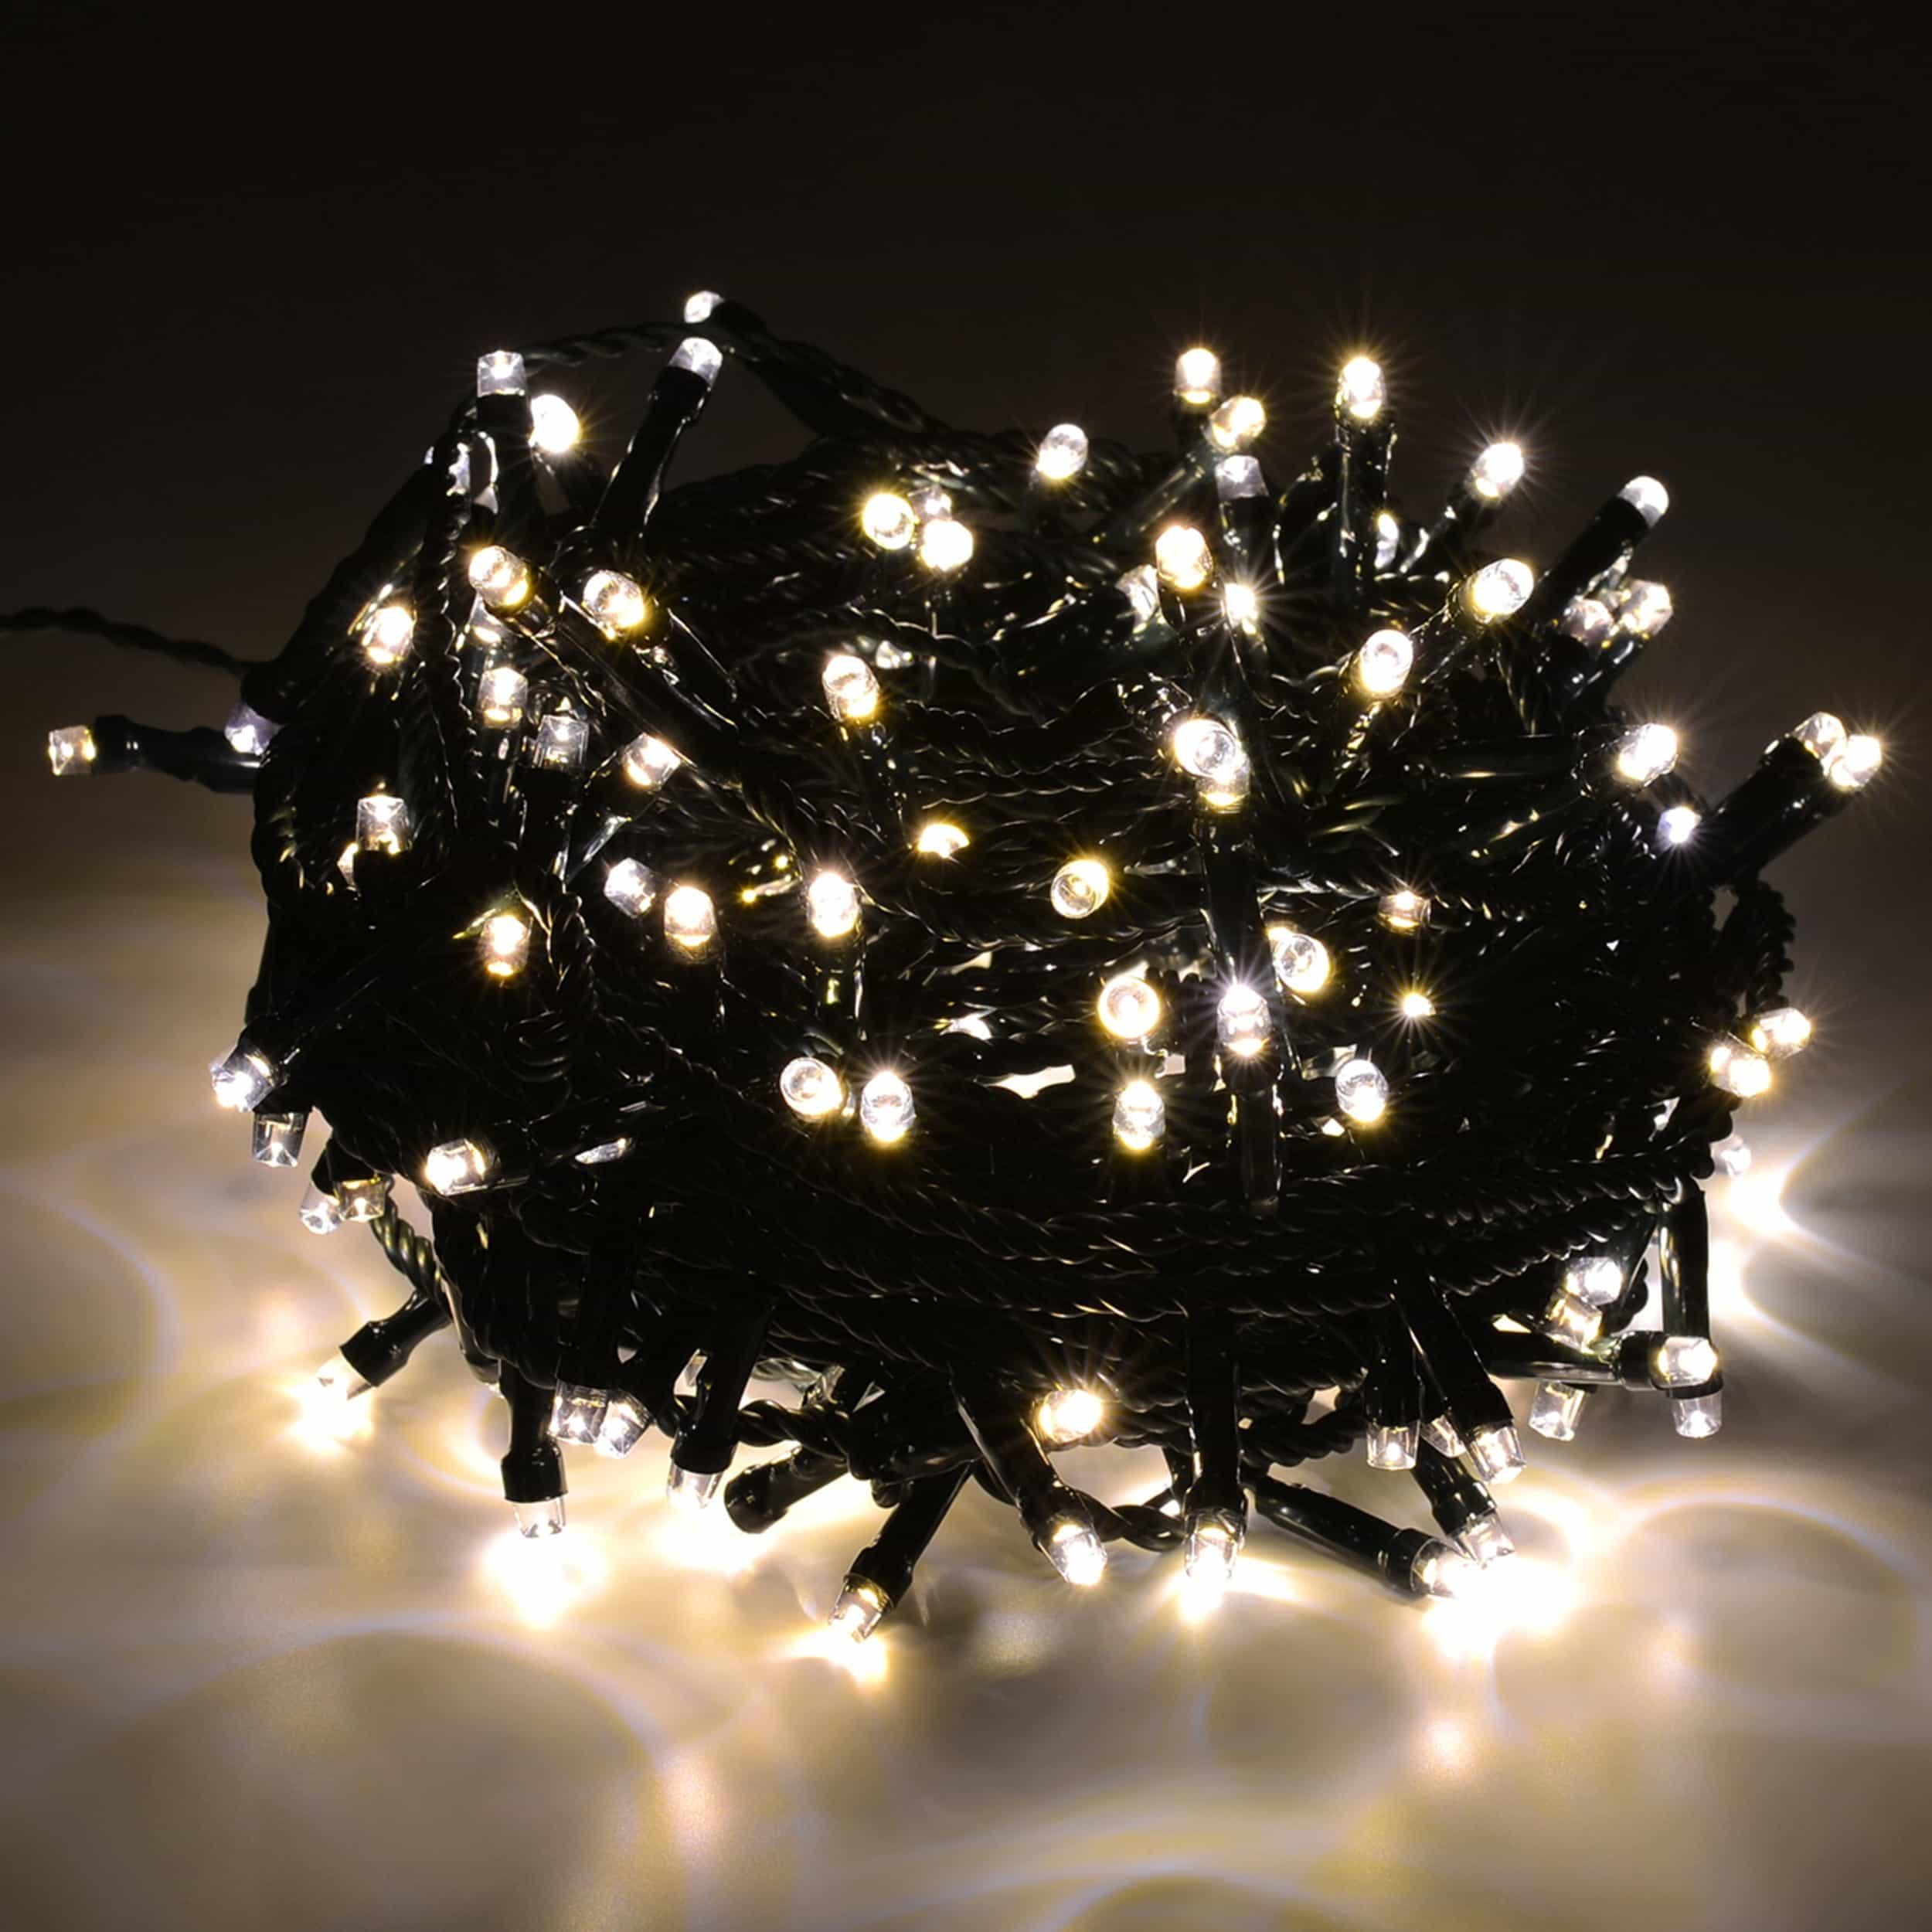 LED Lichterkette 1000 LED energiesparend warmweiß